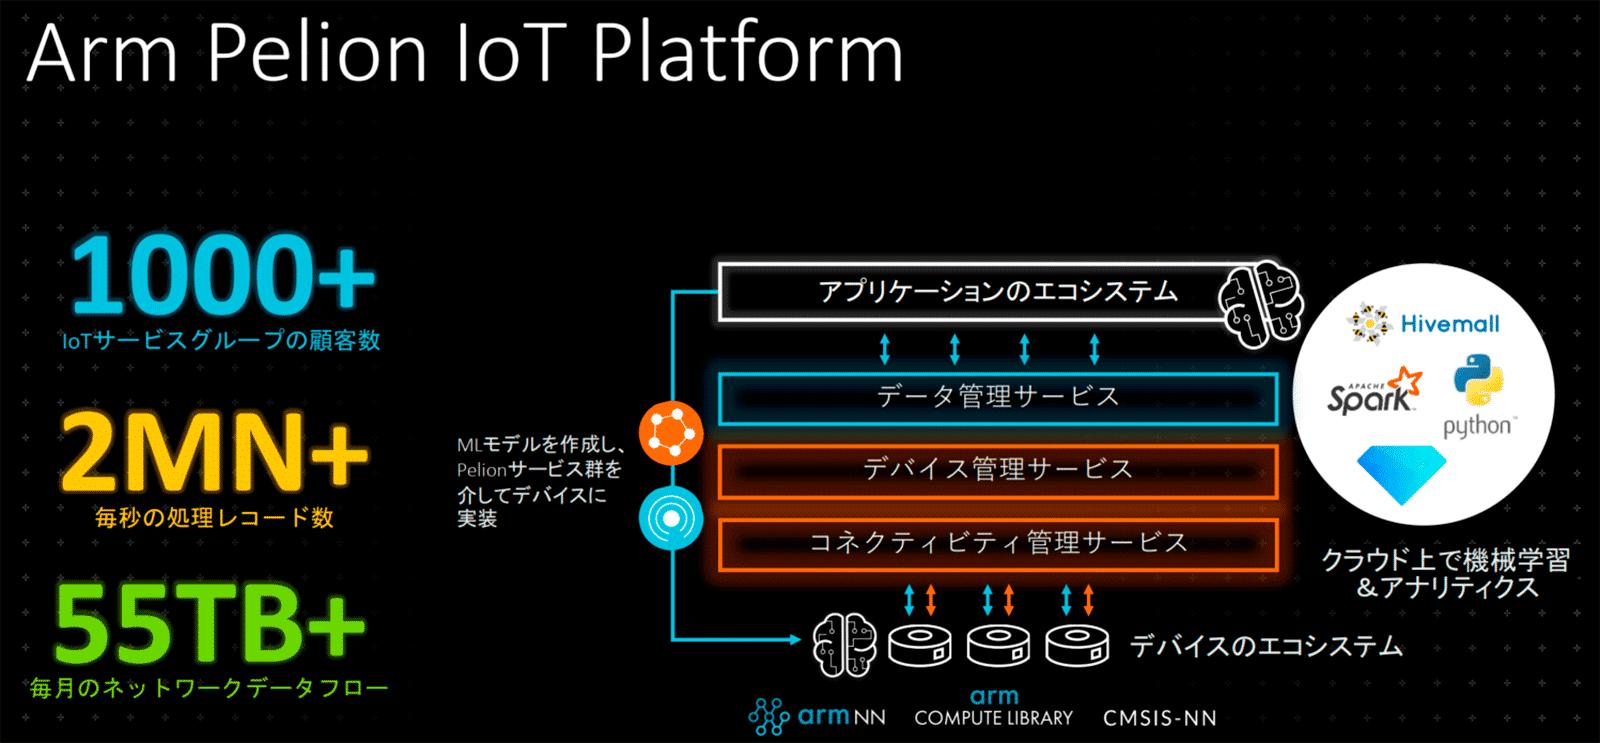 Pelion IoT Platformの全体像。IoTの3つの要素すなわち「コネクティビティ」「デバイス」「データ」を管理するクラウドサービスである。